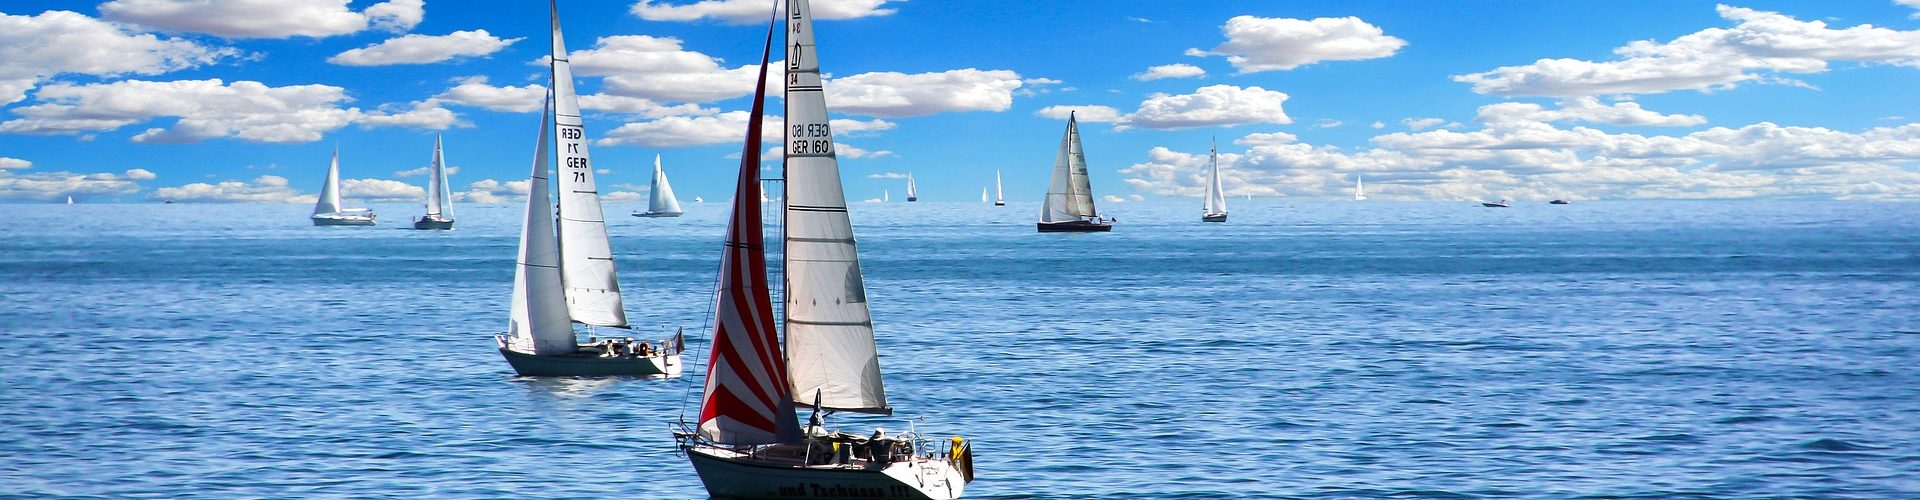 segeln lernen in Karlsfeld segelschein machen in Karlsfeld 1920x500 - Segeln lernen in Karlsfeld